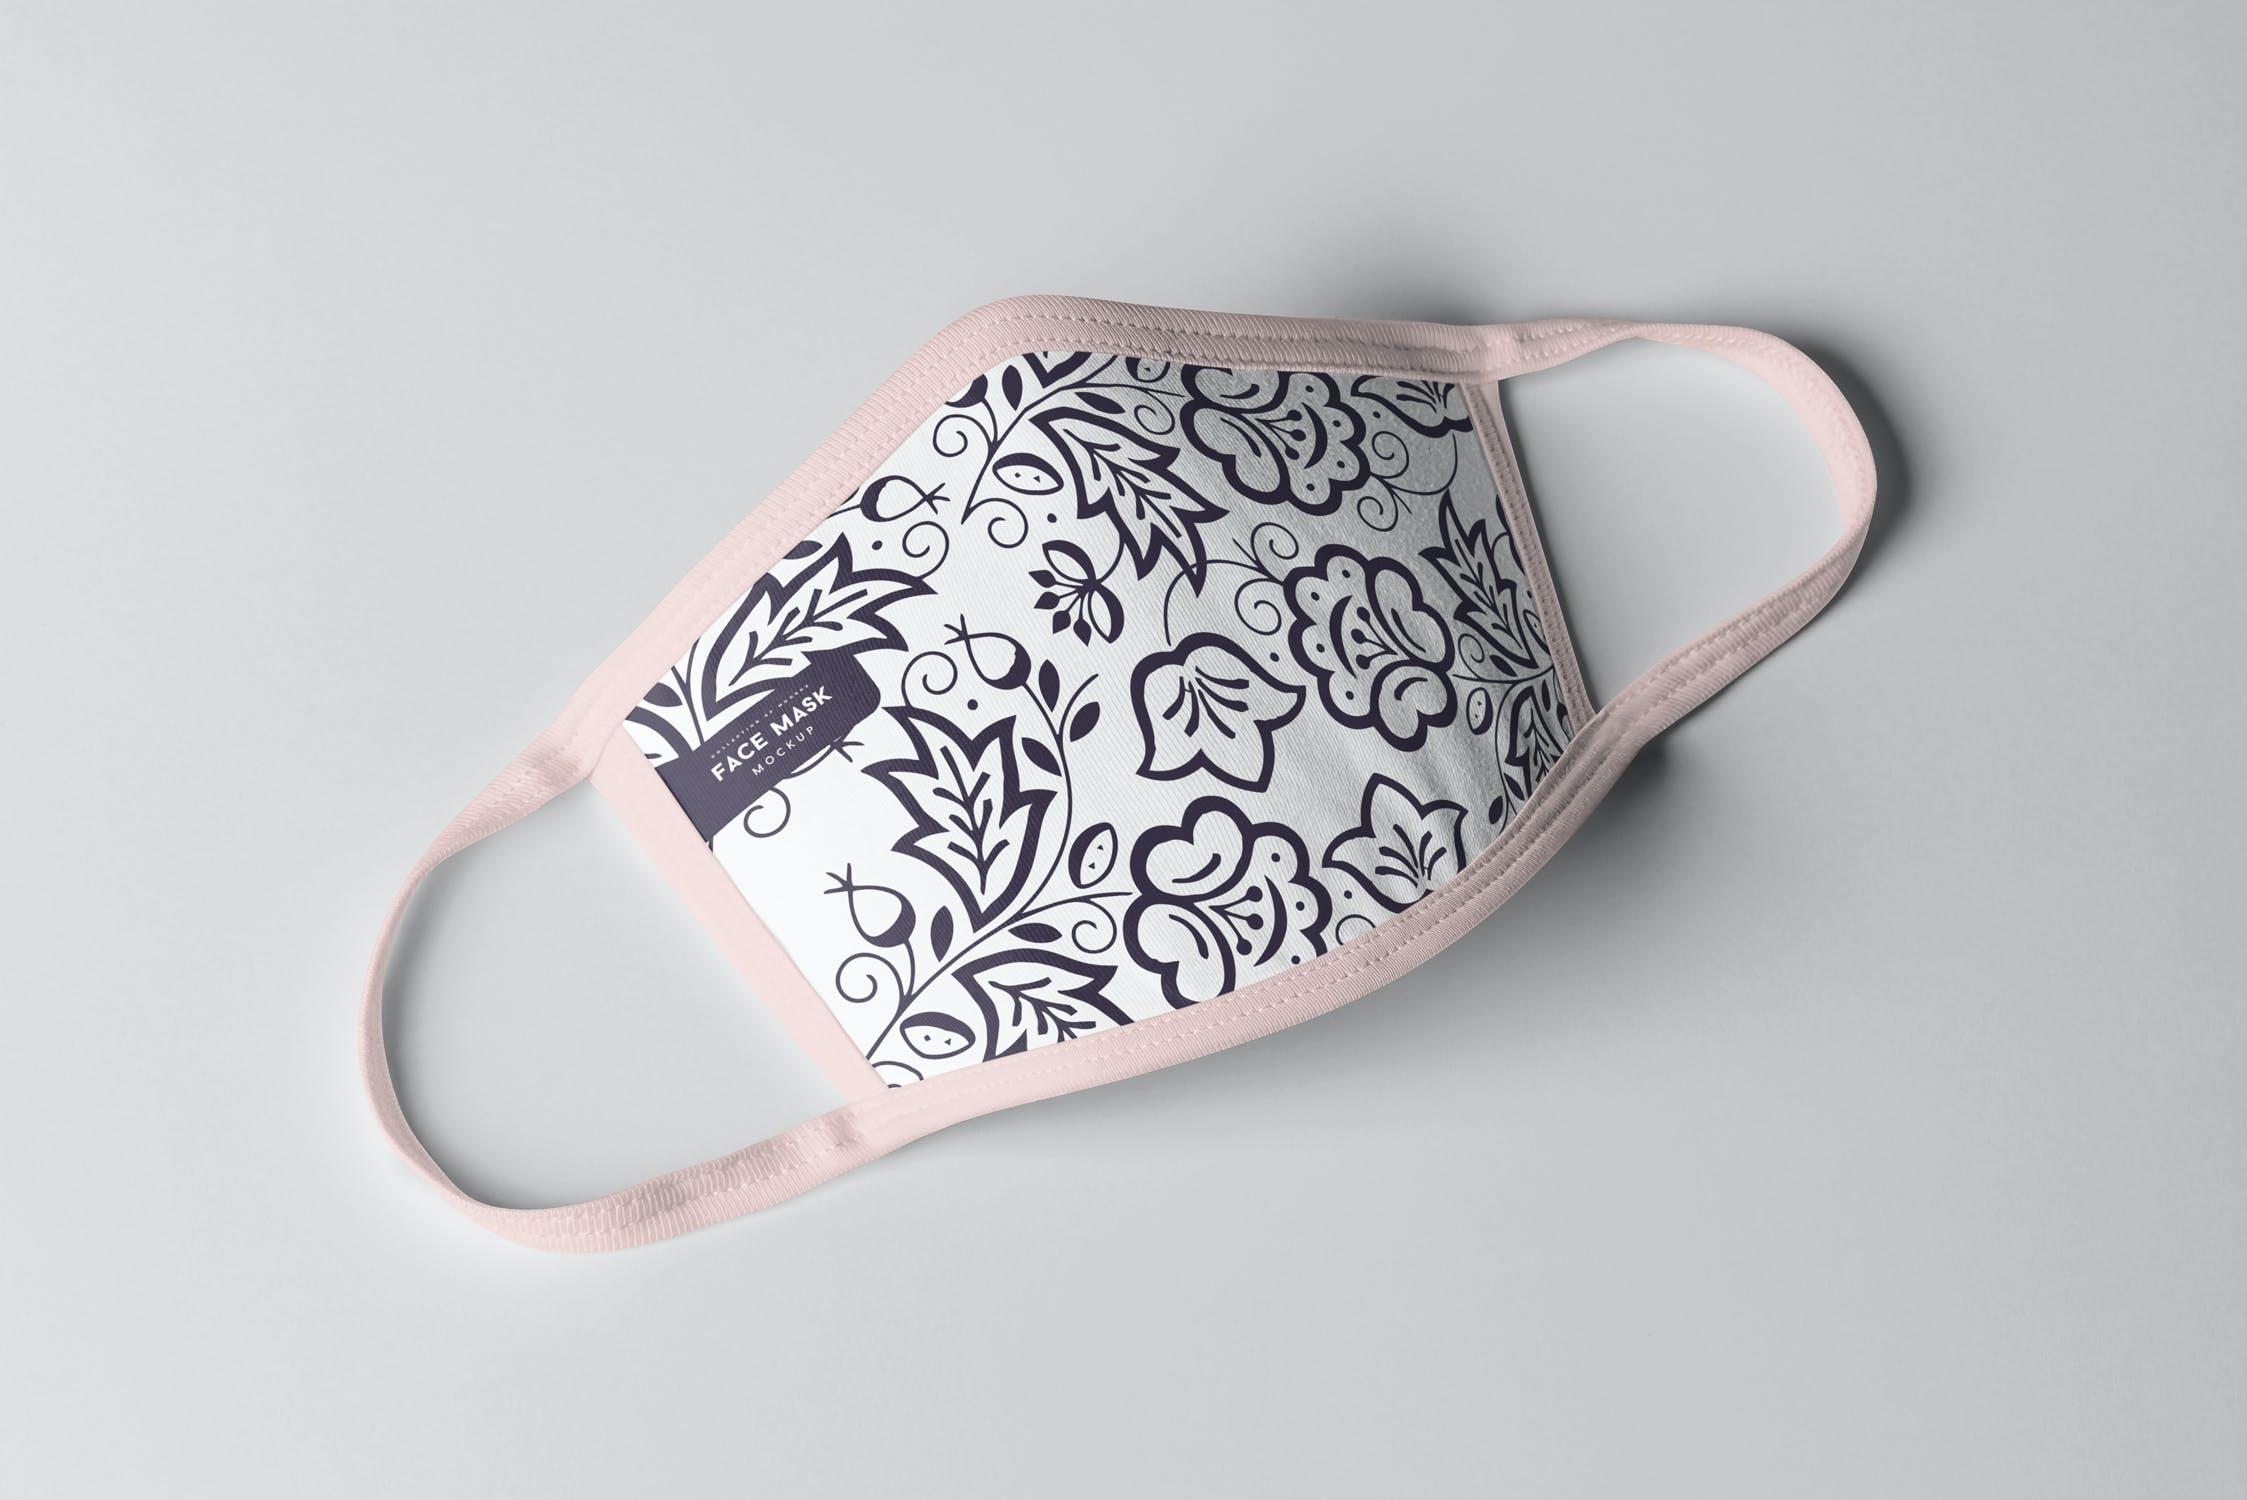 8款防护面罩口罩印花设计展示样机PSD模板 Face Mask Mockup插图(1)